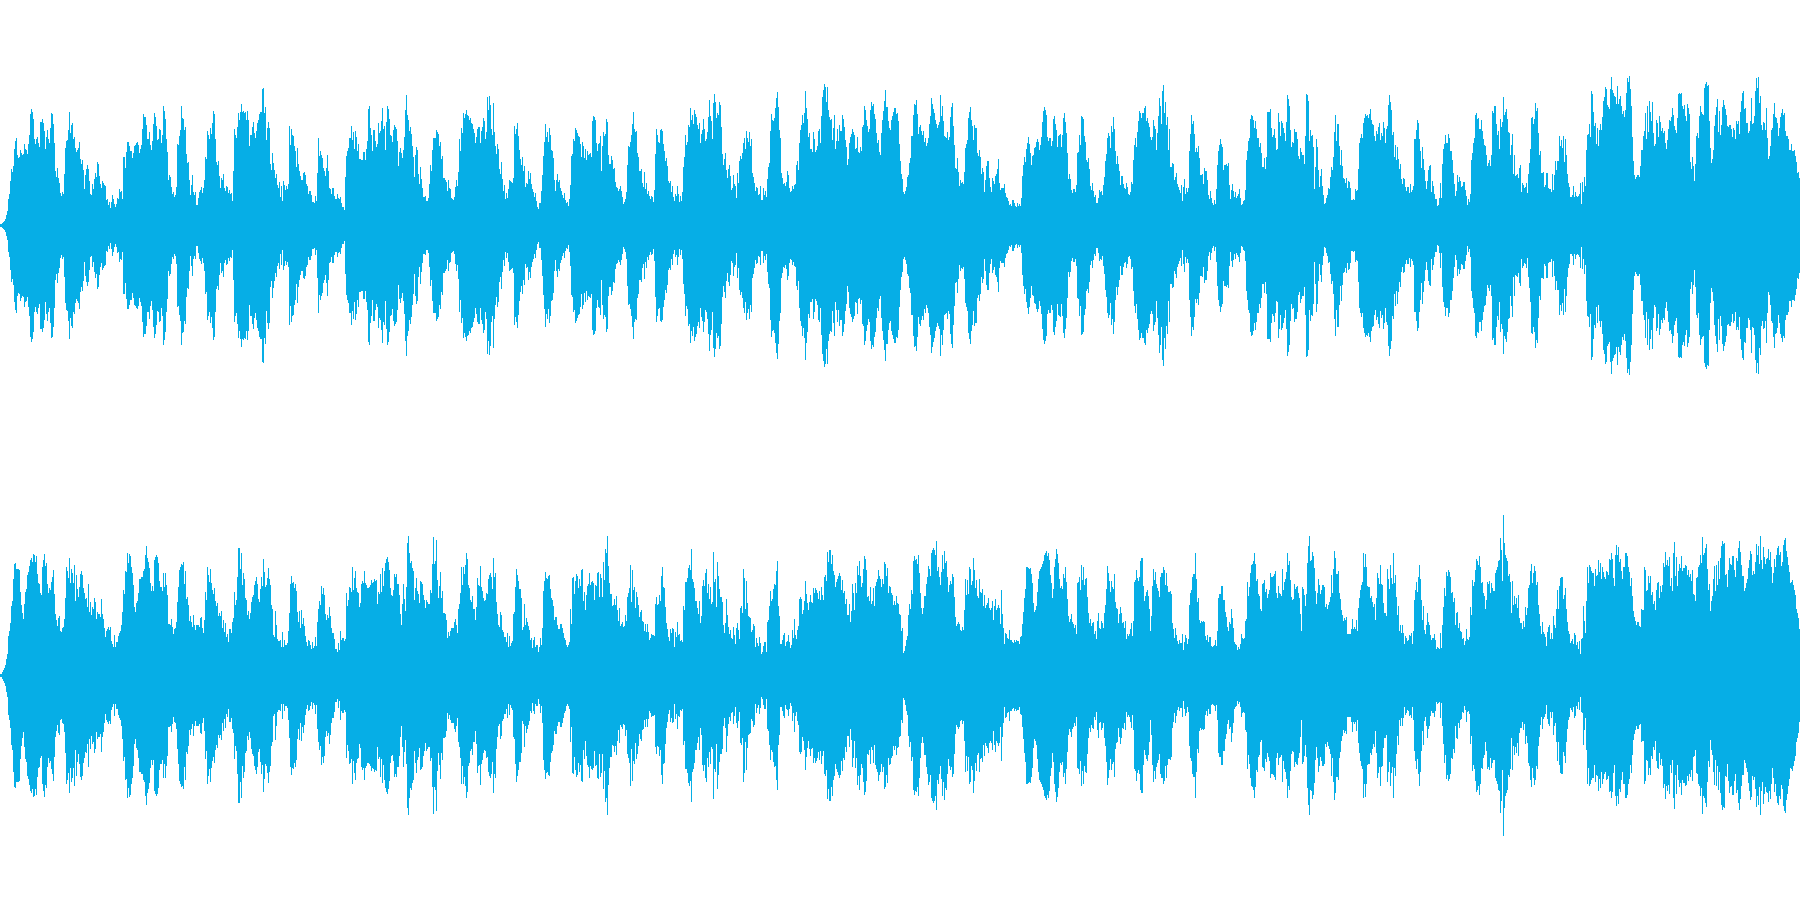 ピーカンサニーデイの再生済みの波形